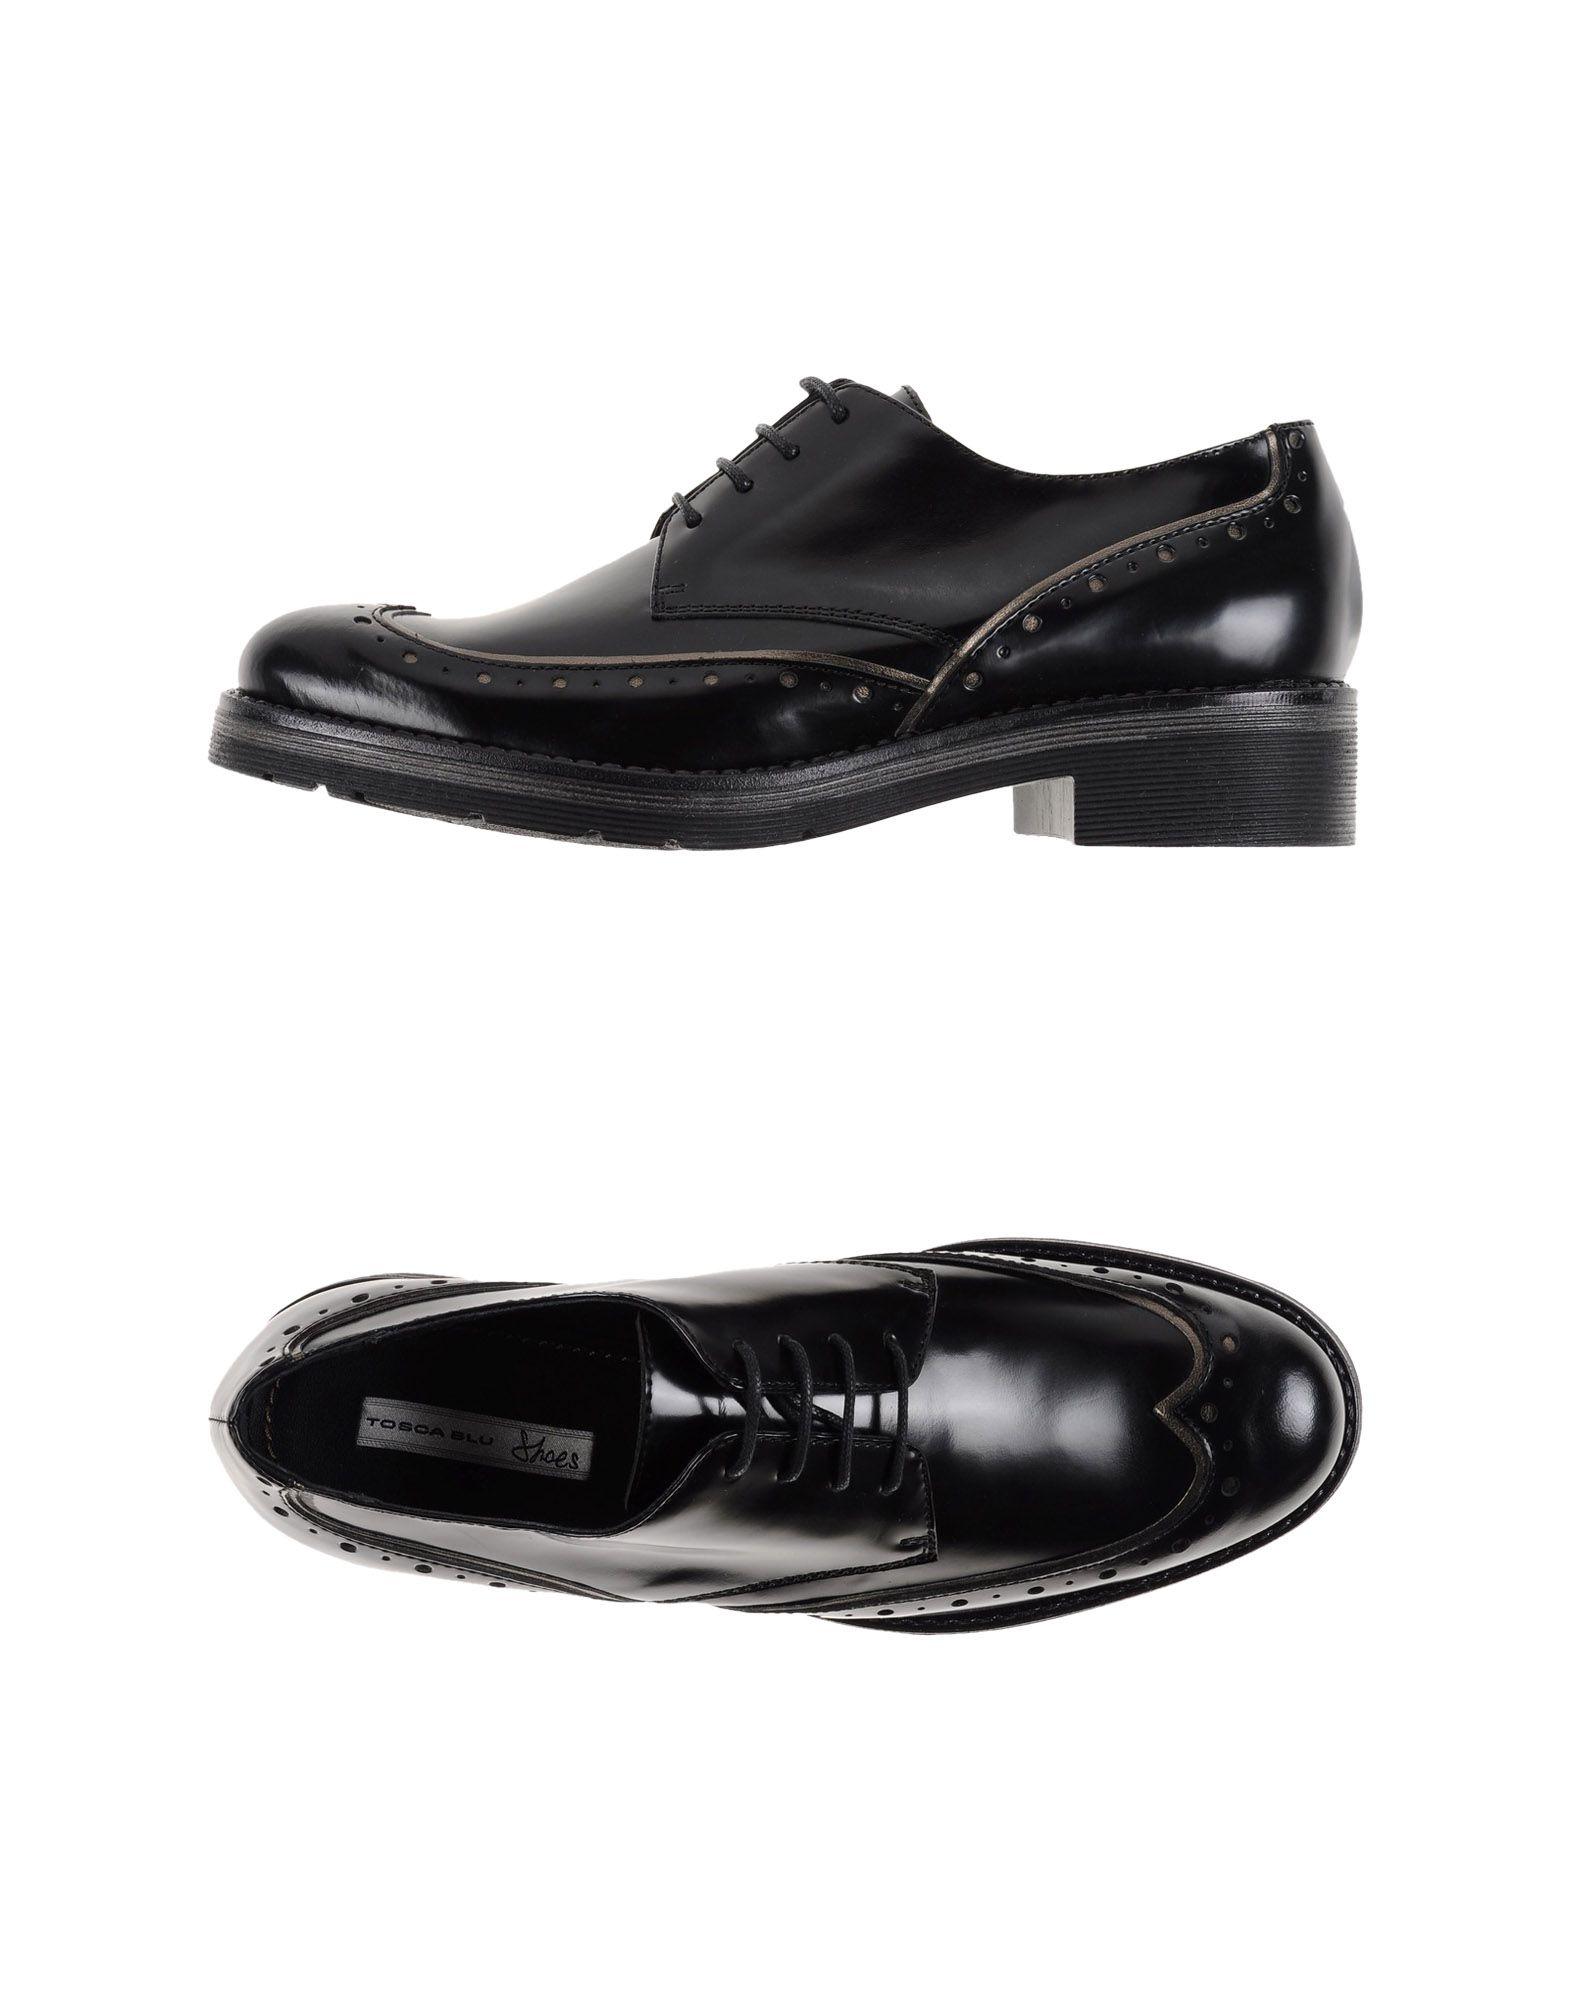 Stilvolle billige Schuhe Schuhe Schuhe Tosca Blu Shoes Schnürschuhe Damen  44906298DI be1cb2